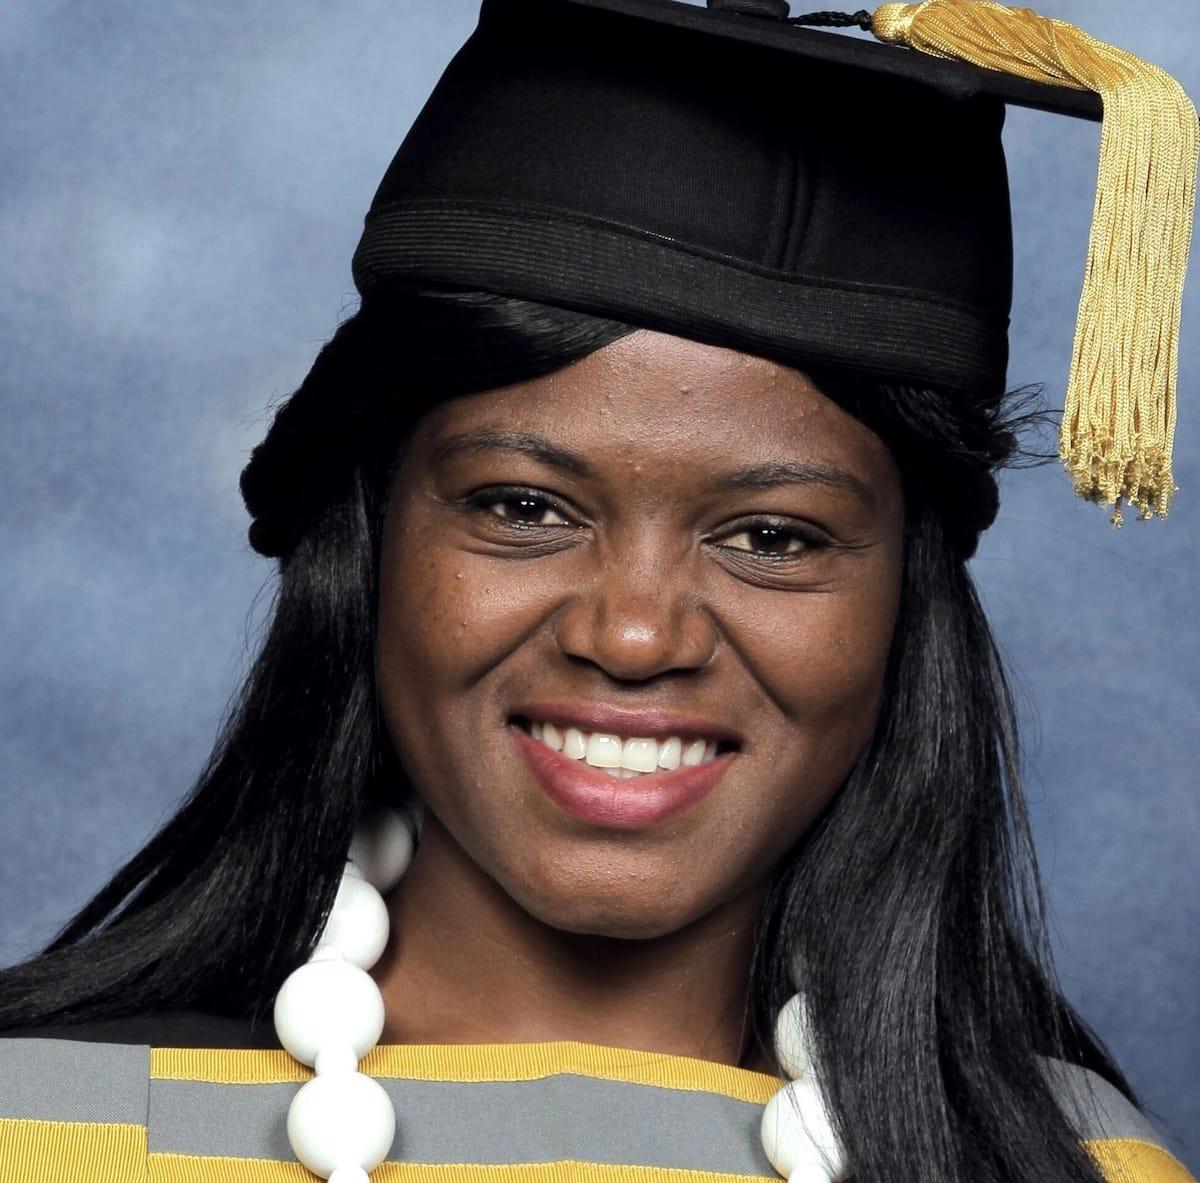 Dorcas Malatjie is aiming high. Source: Kempton Express